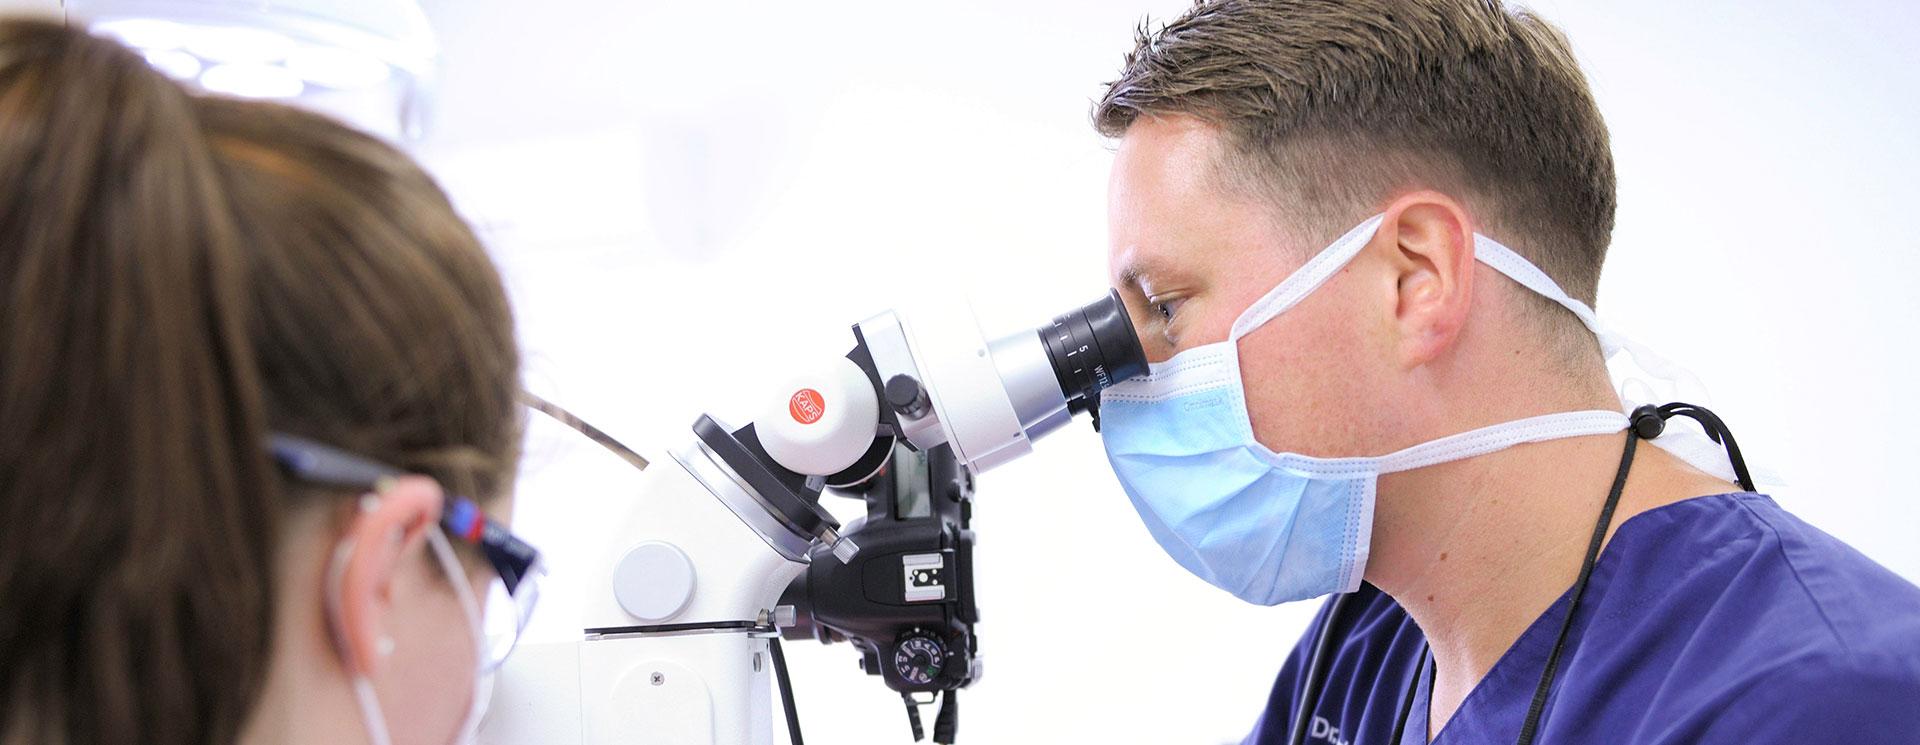 zahnarzt nürnberg dr. meisel - wurzelbehandlung mit mikrosokop